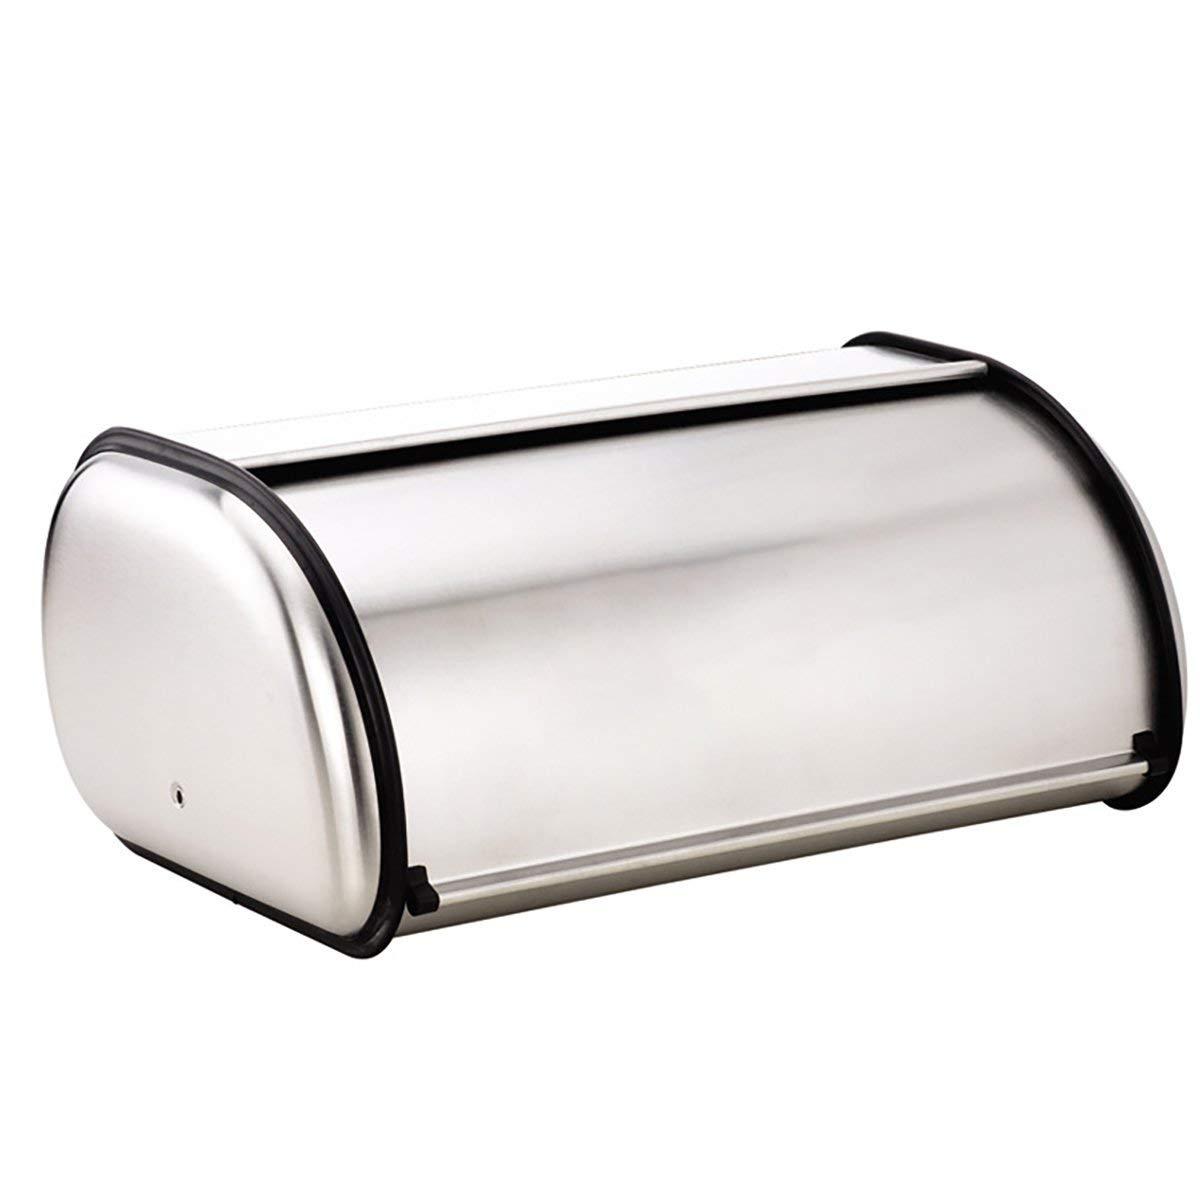 1pc Stainless Steel Bread Box Bin Storage Holder For Kitchen